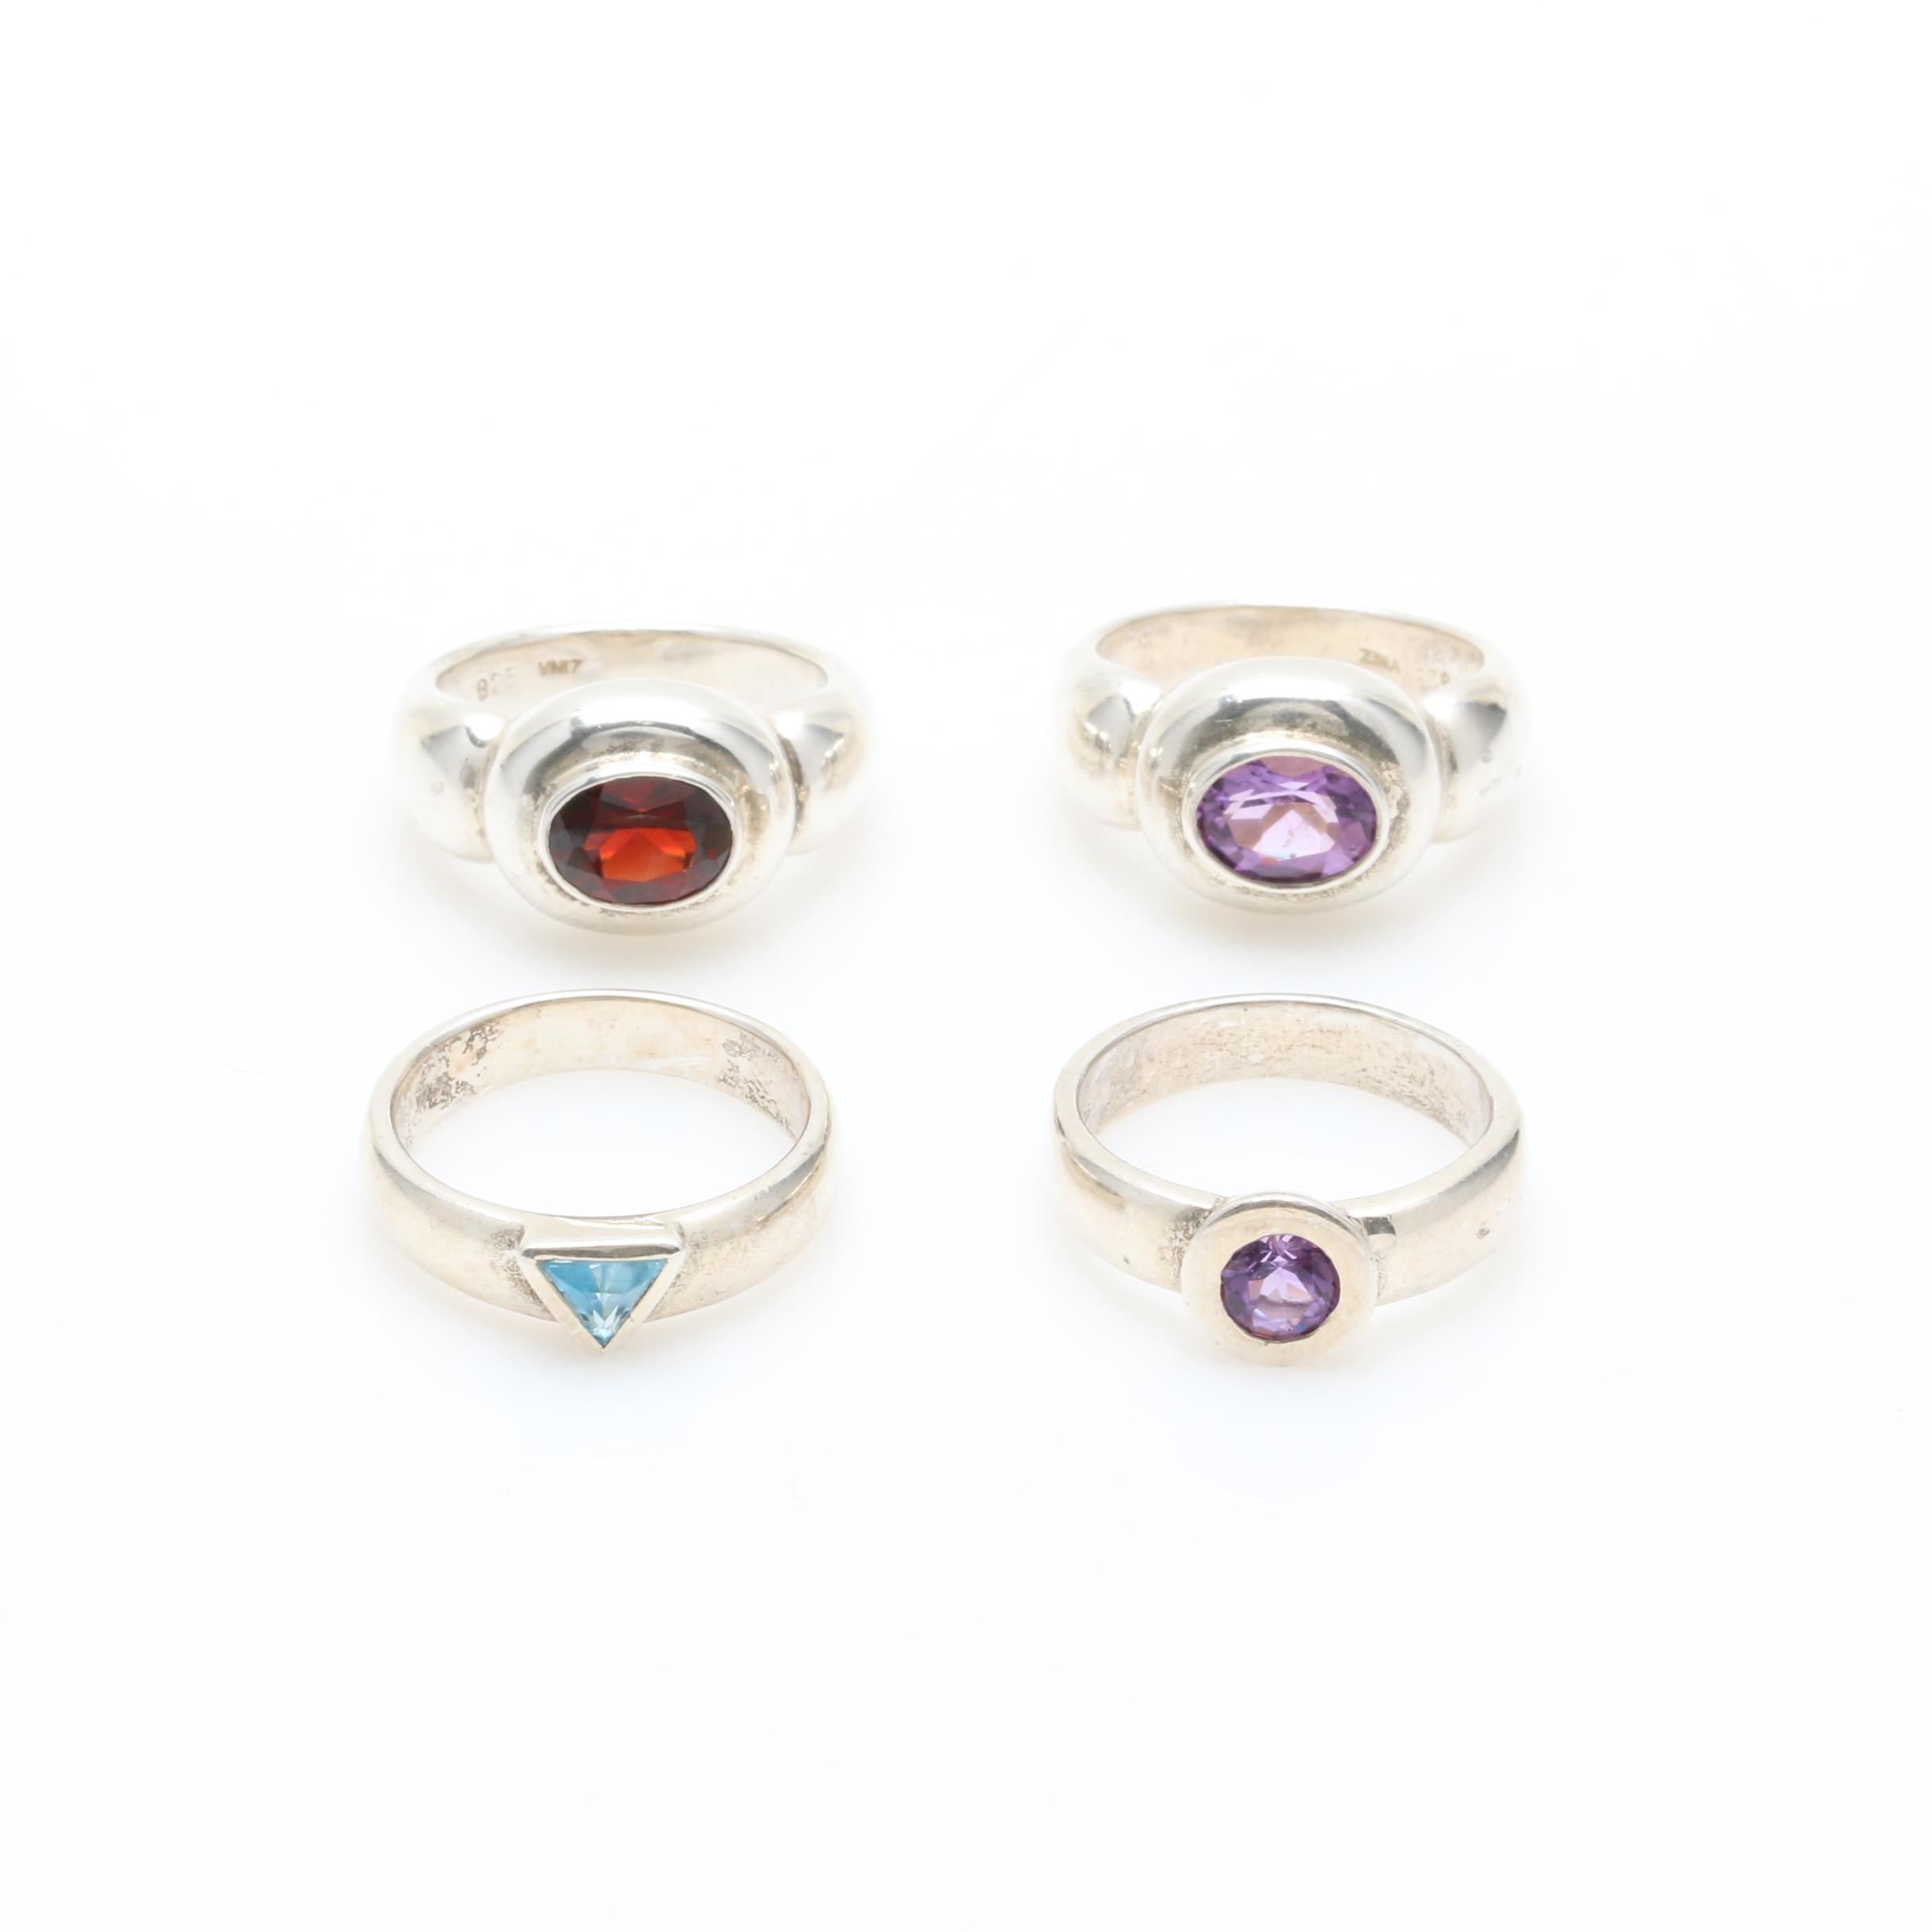 Sterling Silver Bezel Set Gemstone Ring Selection